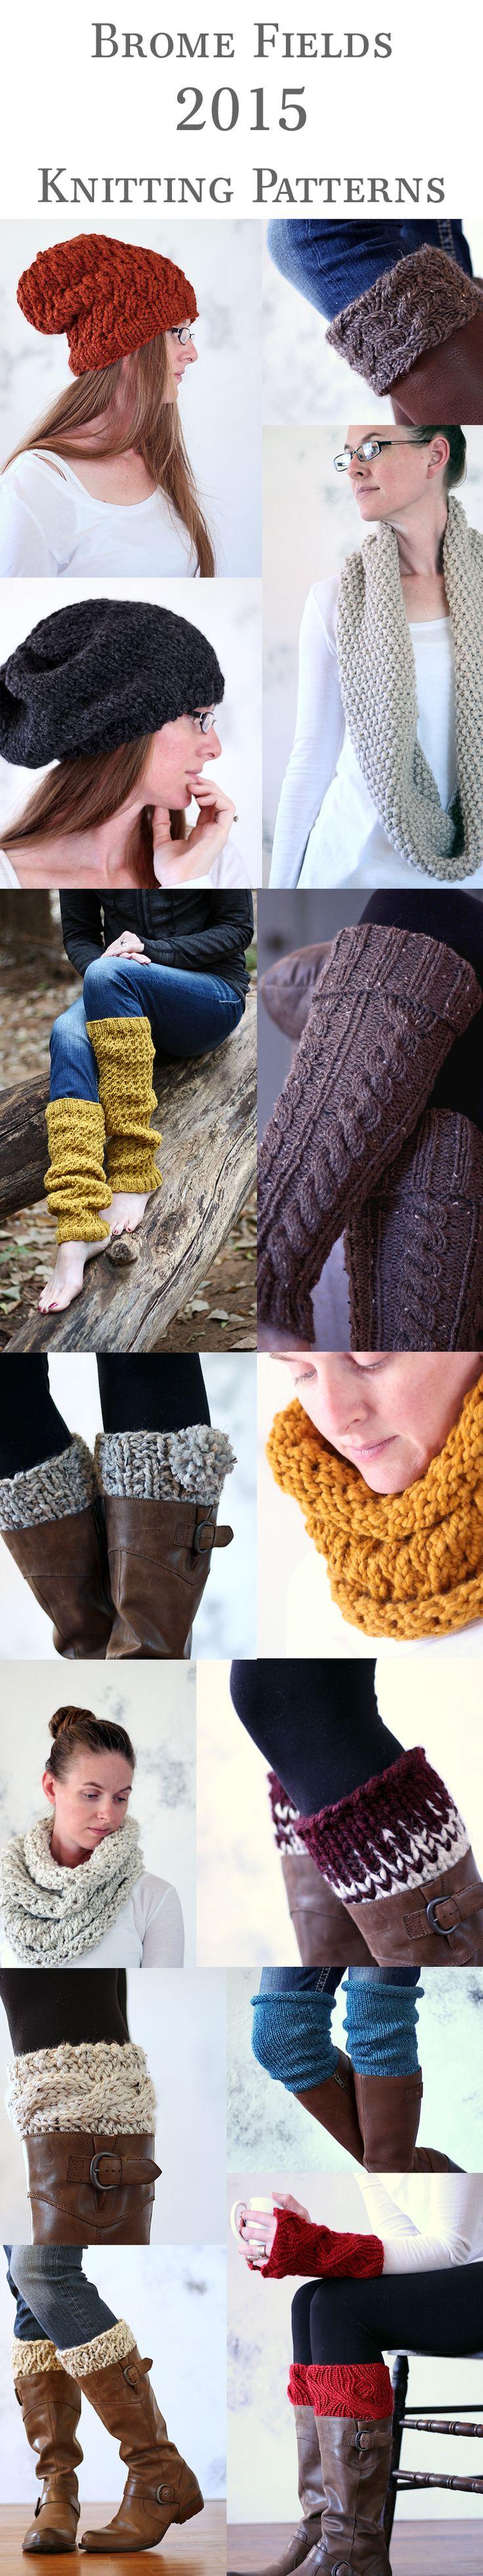 New 2015 Fall Winter Knitting Patterns